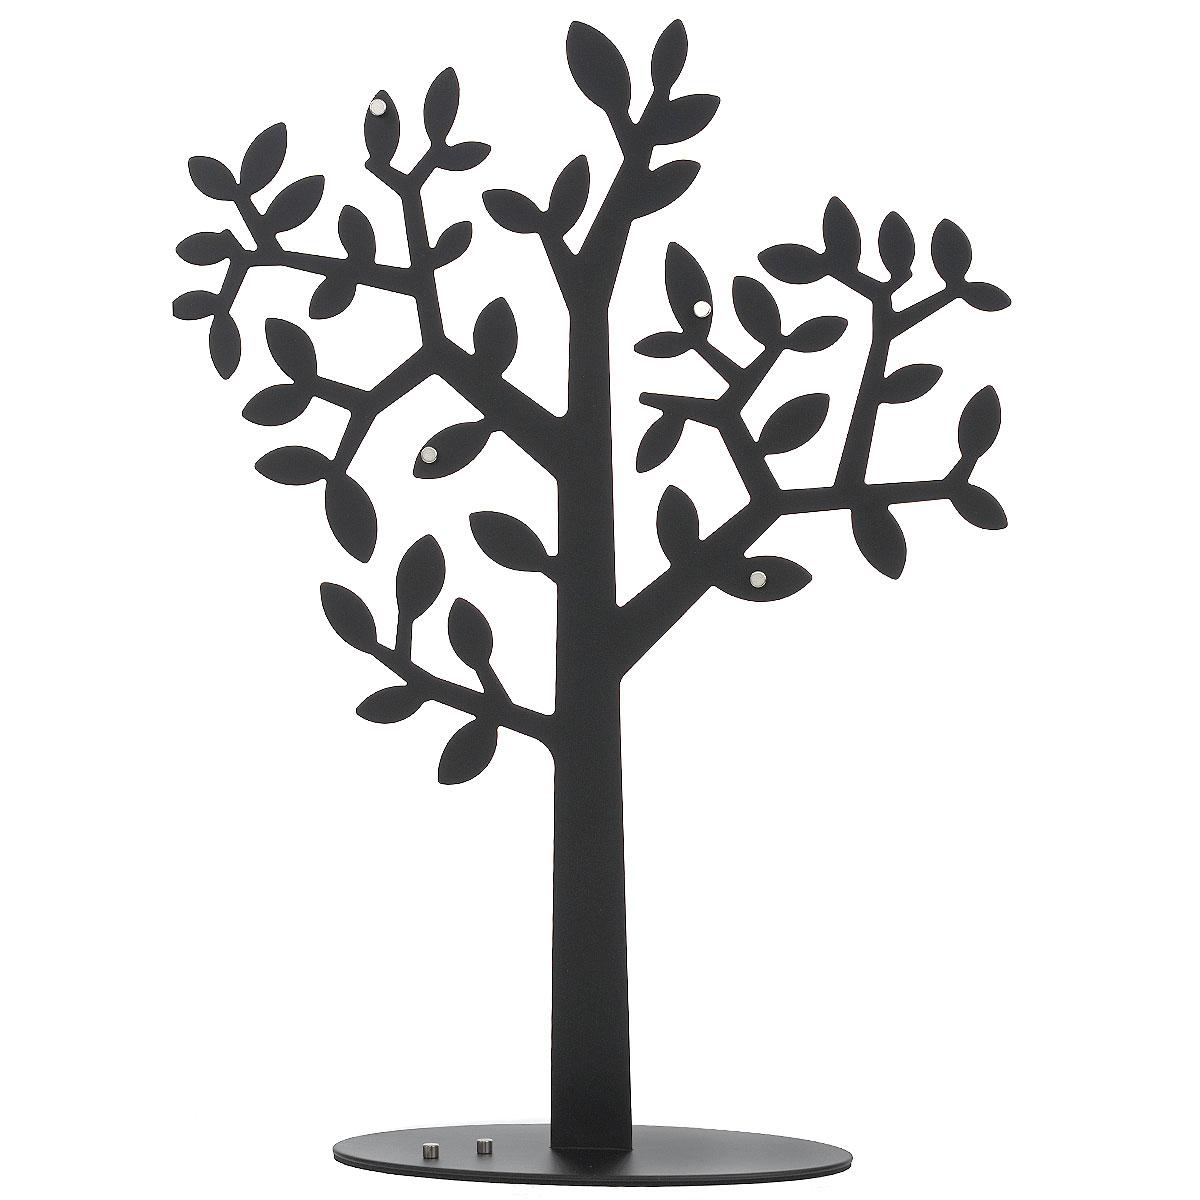 Держатель для фото Umbra Laurel, цвет: черный. 306600-040306600-040Держатель для фото Umbra Laurel станет не только прекрасным декоративным украшением стола, но и послужит функционально: поместите в держатель вашу любимую фотографию, и она будет радовать вас каждый день, напоминая о приятных мгновениях. Держатель выполнен из металла в виде дерева. Такой сувенир, несомненно, доставит море положительных эмоций своему обладателю. Характеристики: Материал: металл. Общий размер держателя: 41 см х 29 см x 4 см. Производитель: Россия. Изготовитель: Китай. Артикул: 306600-040.